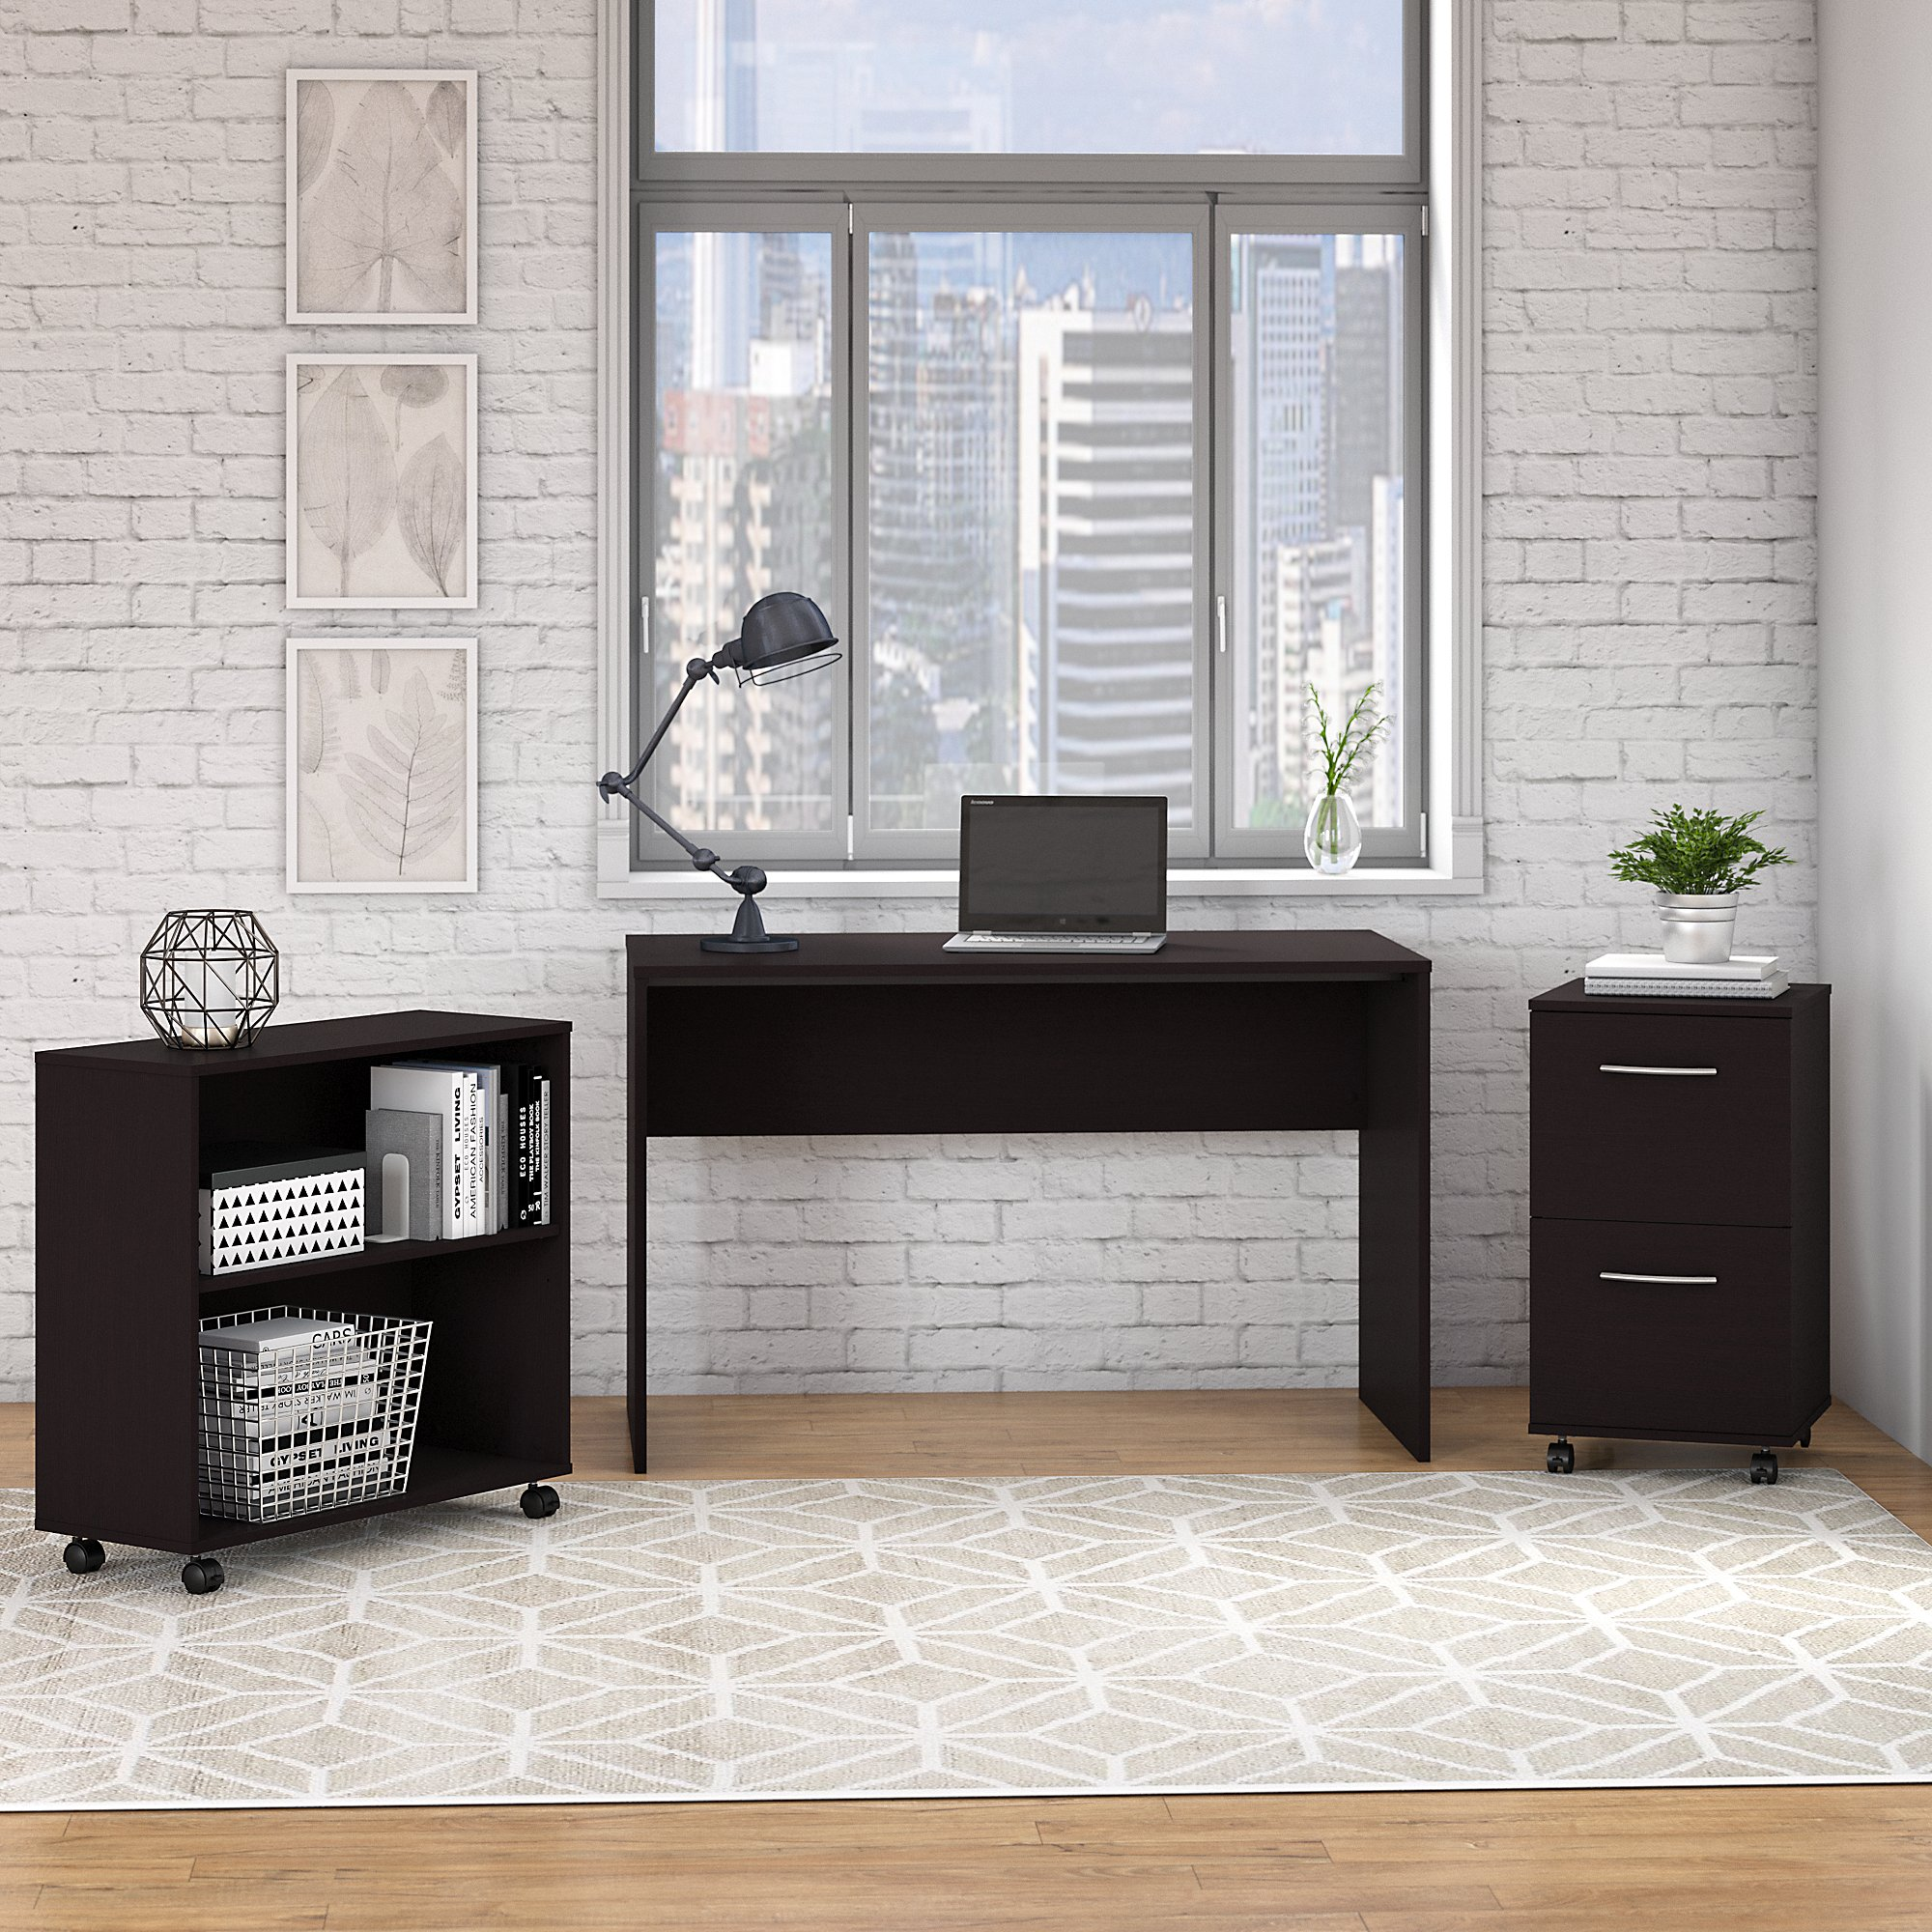 Bush Furniture Office Complete Small Desk With Mobile File Cabinet And Bookcase In Espresso Oak